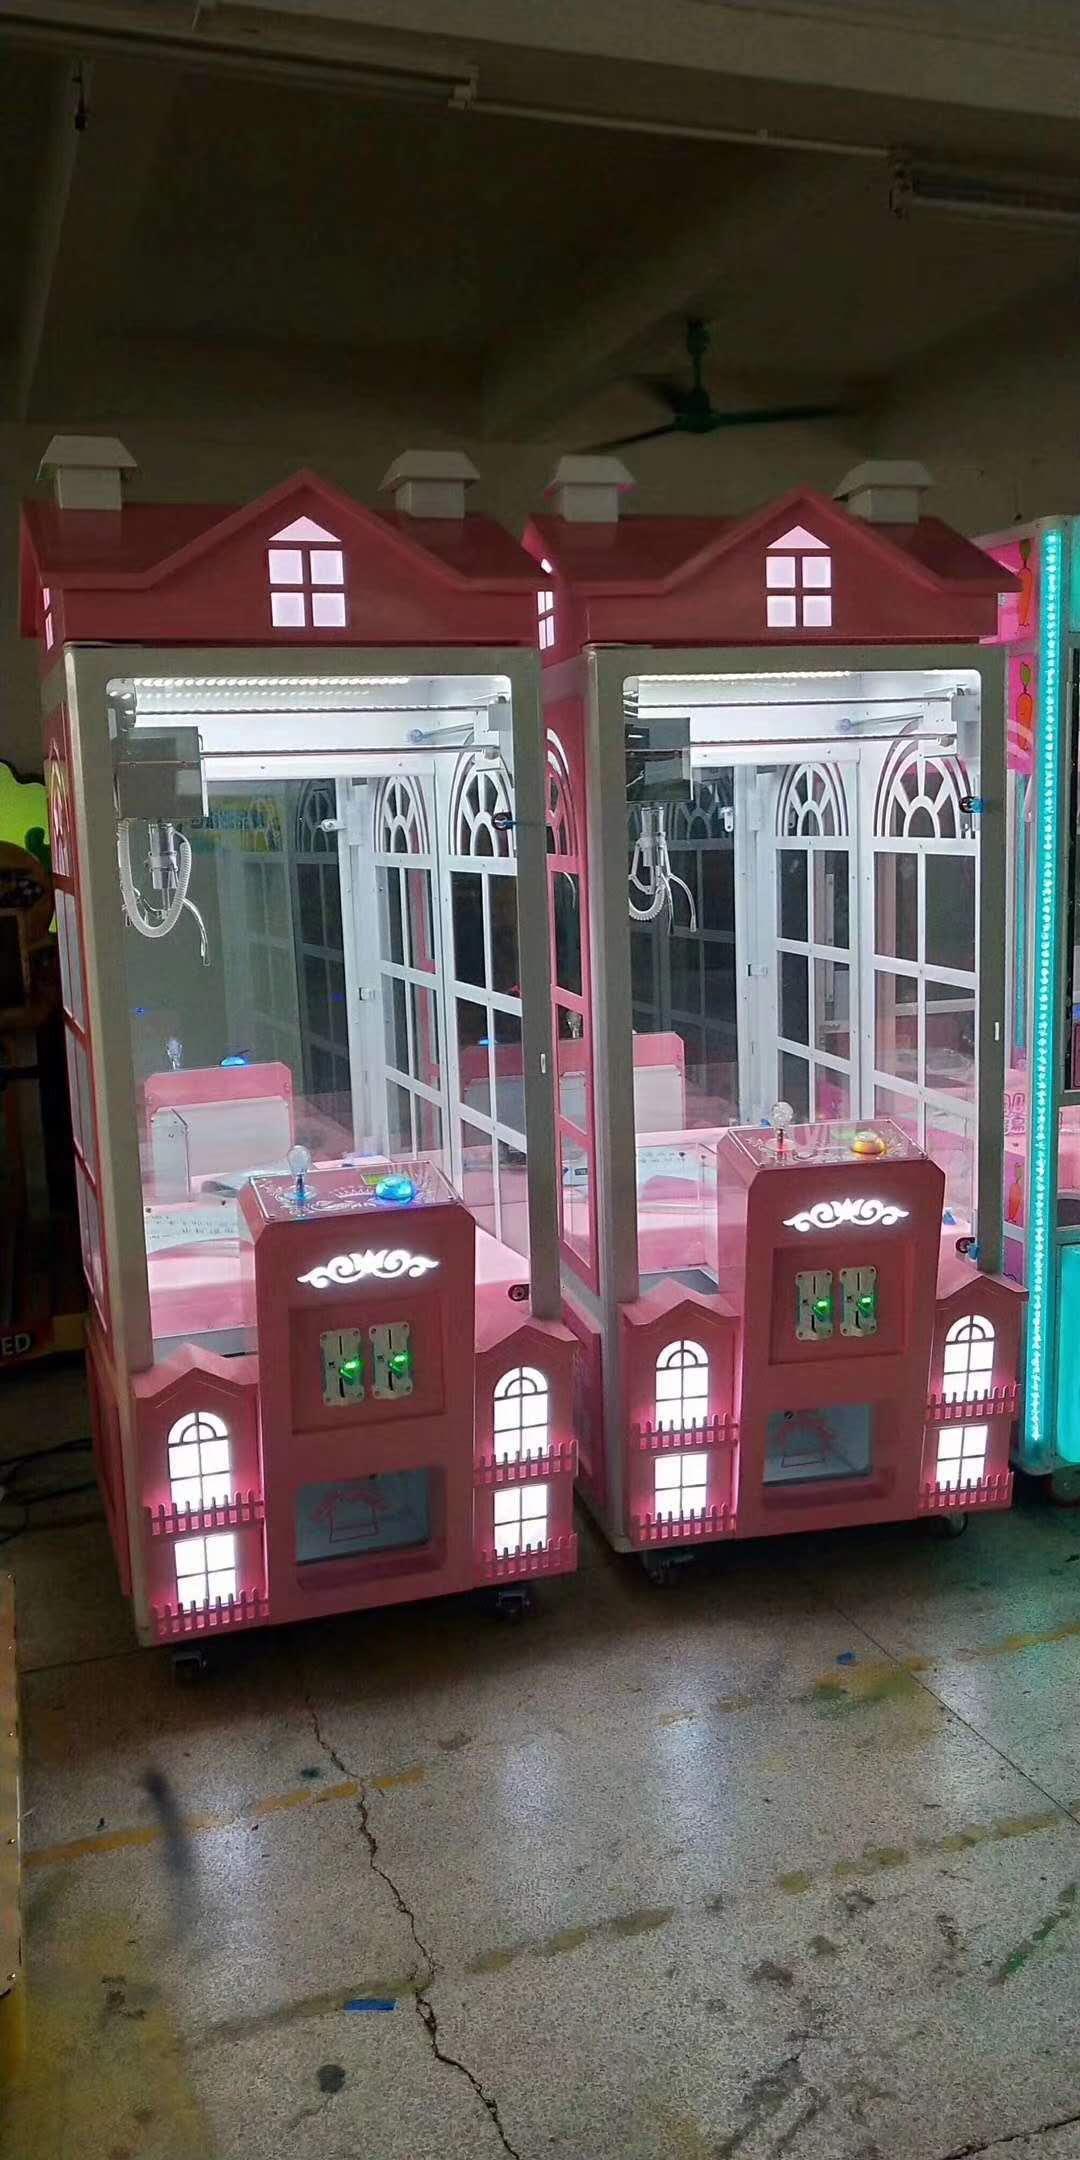 美丽小屋游戏机 美丽小屋游戏机生产厂家 美丽小屋游戏机批发 美丽小屋游戏机供应商